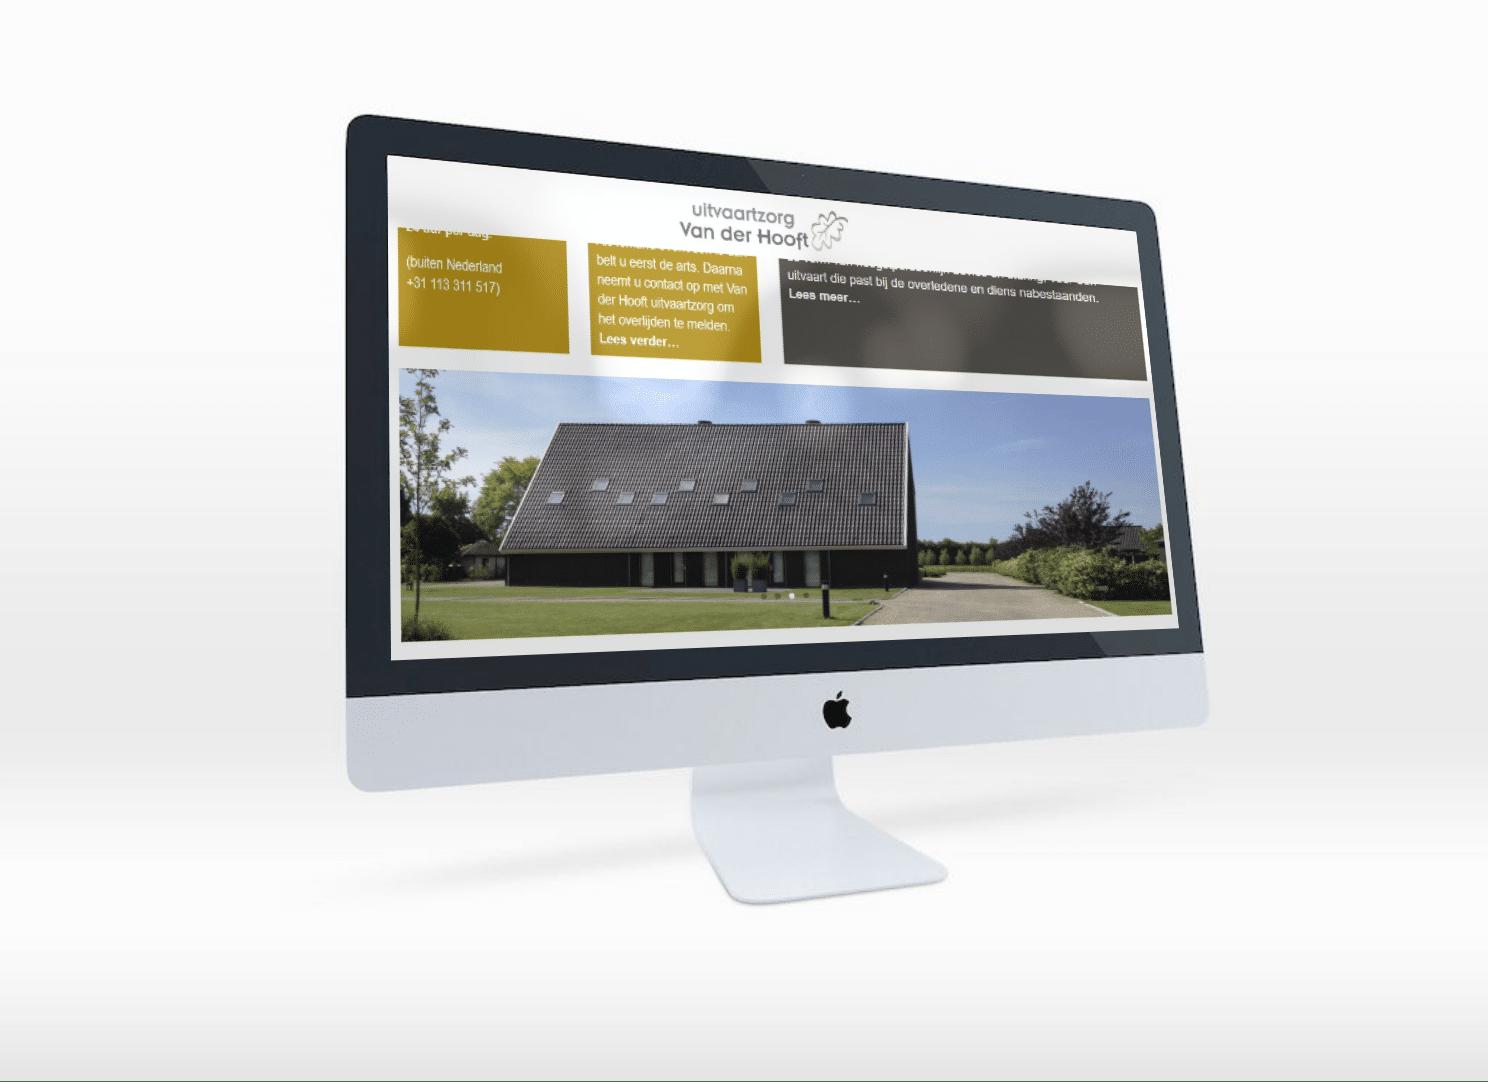 Uitvaartzorg van der Hooft website